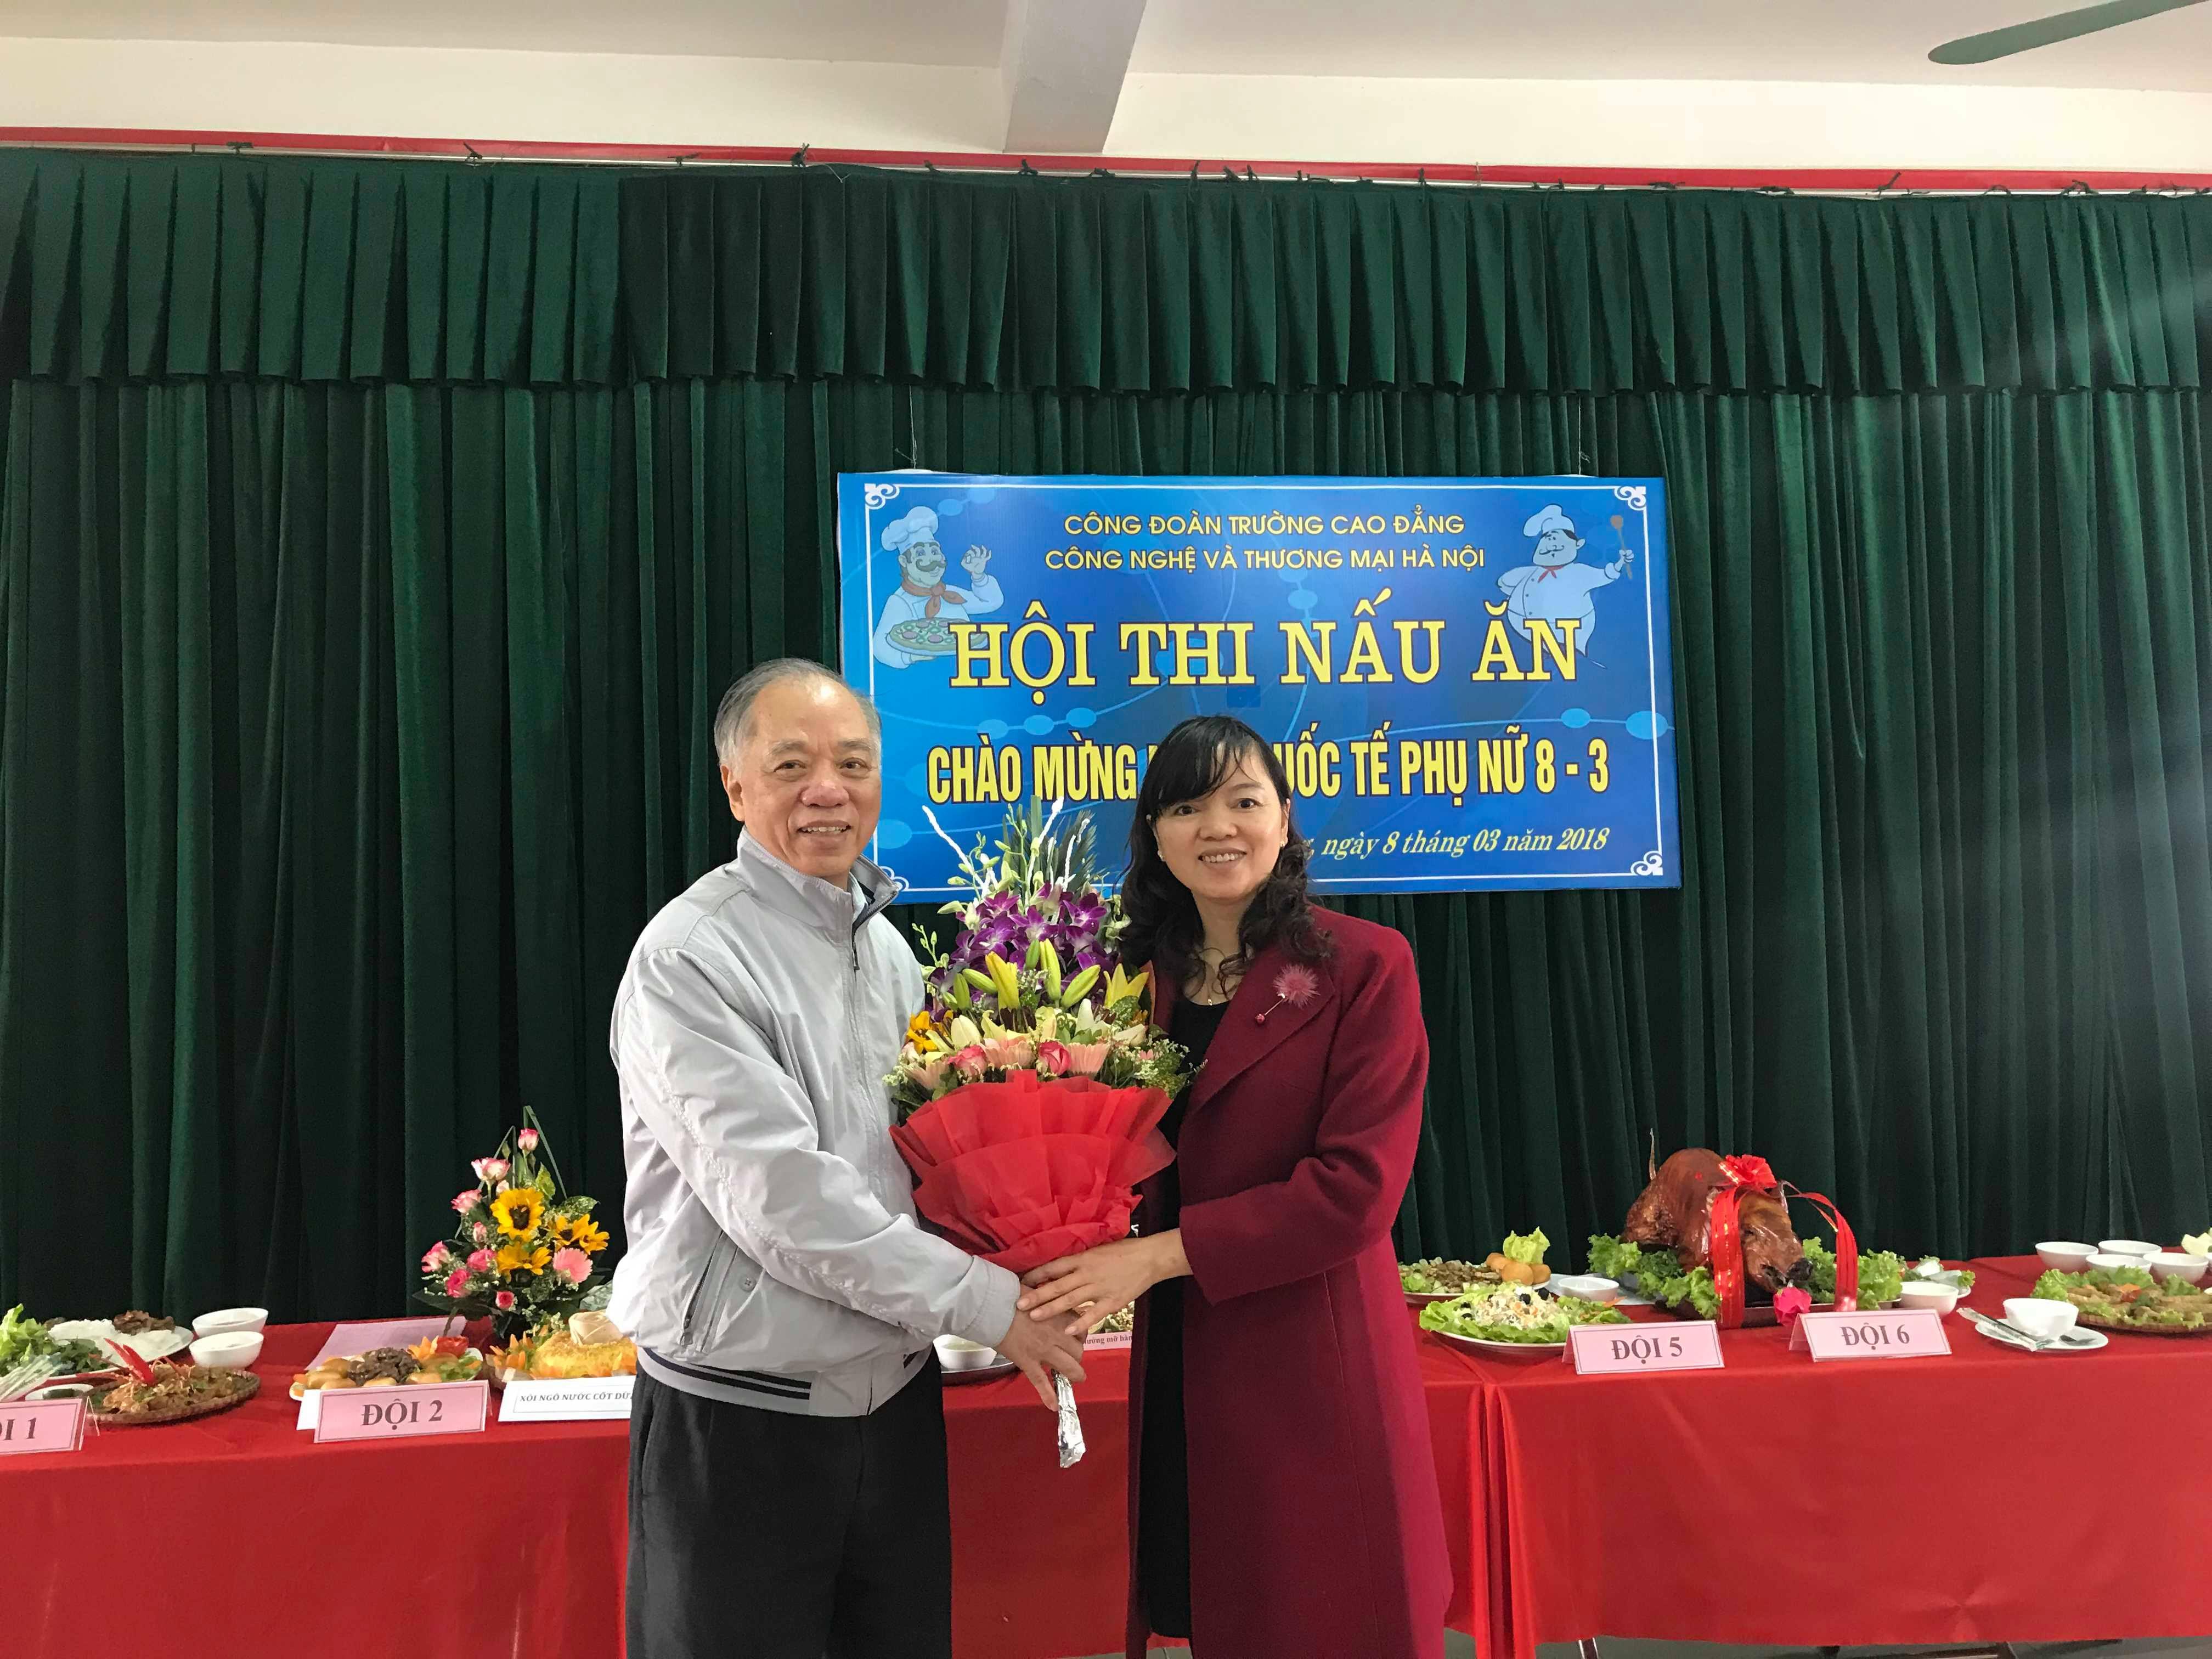 Thầy Hiệu trưởng tặng hoa chúc mừng Hội thi và chúc mừng chị em phụ nữ Nhà trường nhân ngày Quốc tế Phụ nữ